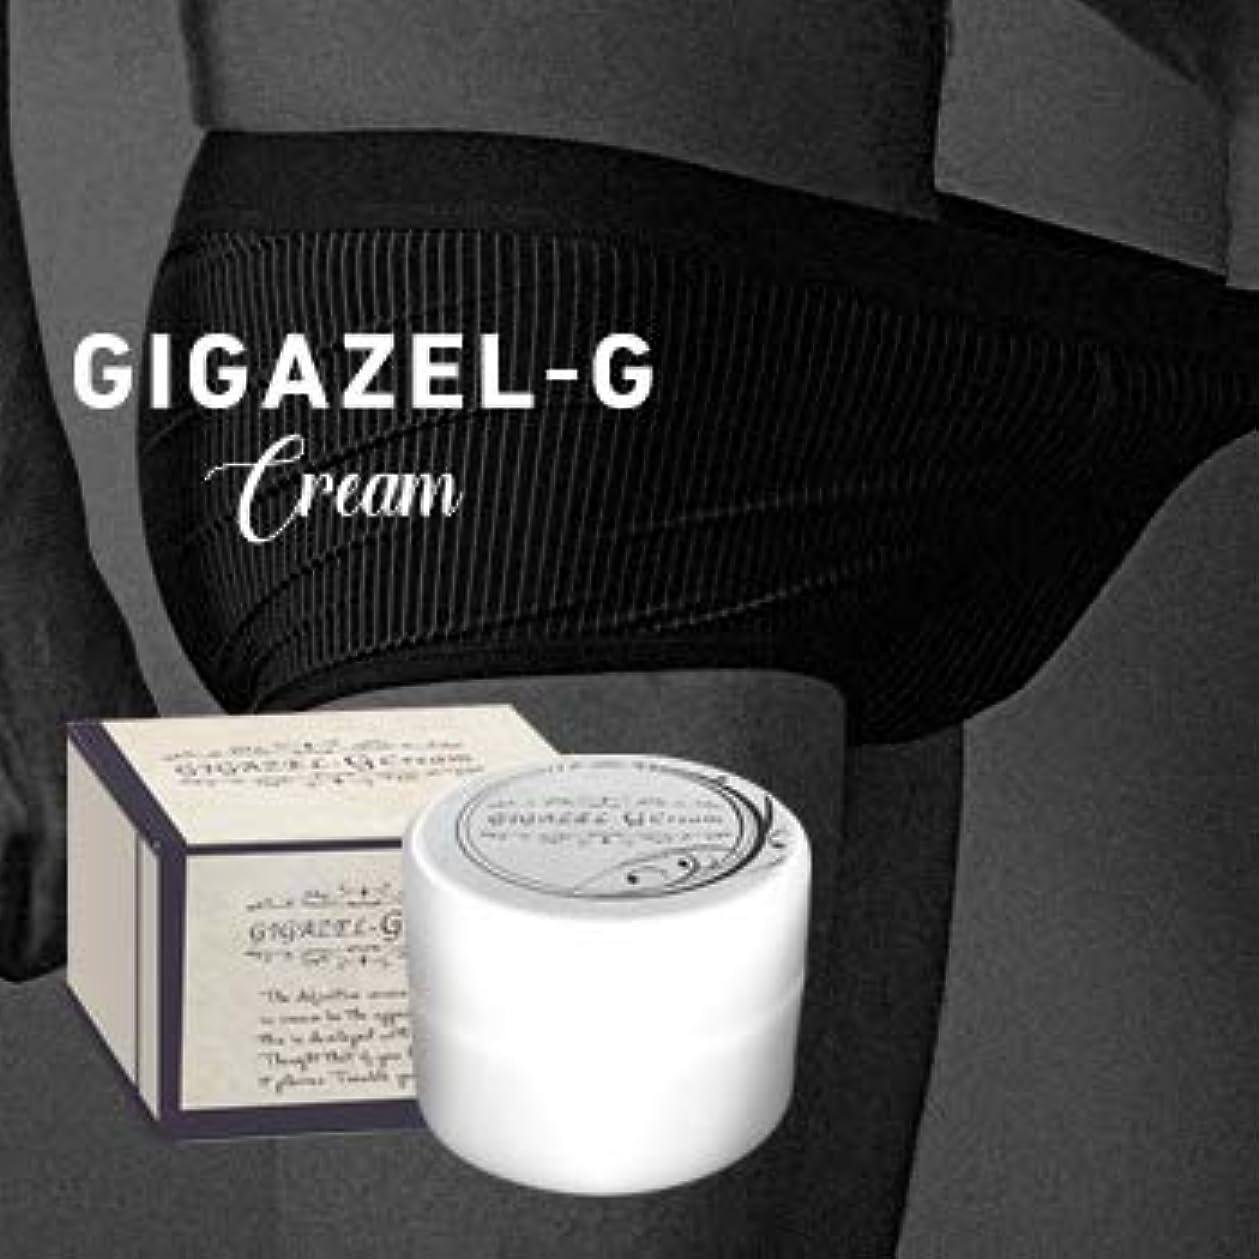 重力と器具GIGAZEL-G-Cream(ギガゼルGクリーム)~男性用ボディクリーム~